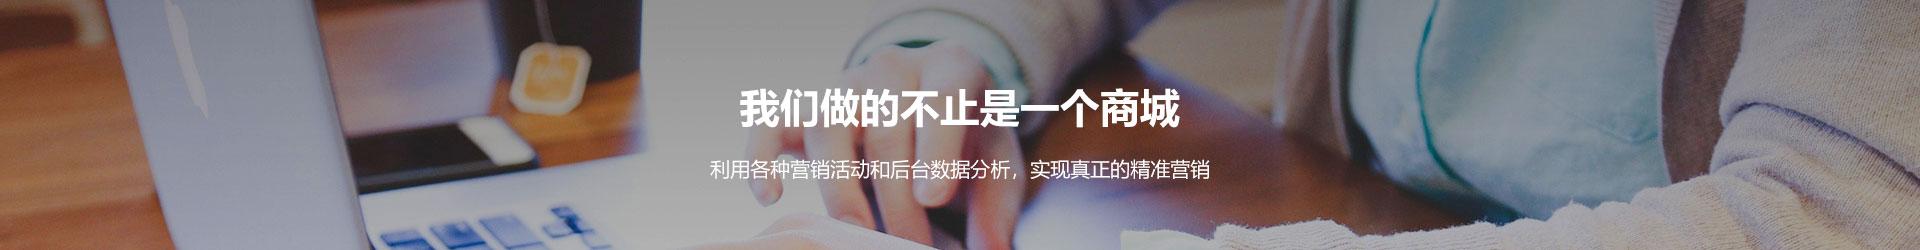 盘锦微信小程序开发